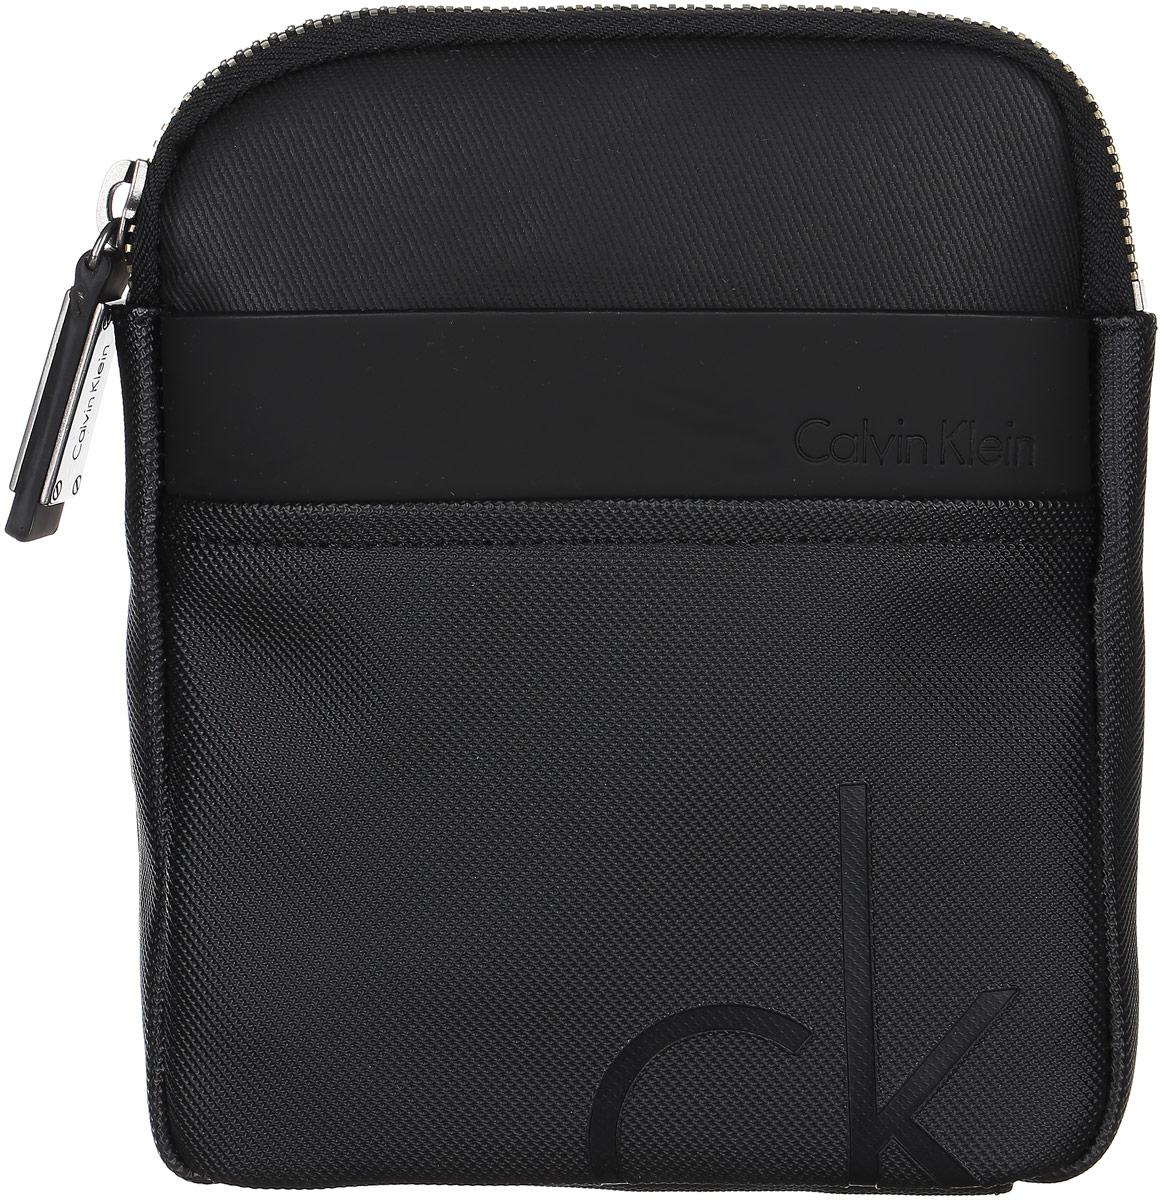 Сумка мужская Calvin Klein Jeans, цвет: черный. K50K501593_0010K50K501593_0010Стильная сумка Calvin Klein не оставит вас равнодушным благодаря своему дизайну. Она изготовлена из ПВХ и оформлена тисненой надписью с названием бренда. На лицевой стороне расположен накладной открытый карман. Сумка оснащена удобным плечевым ремнем, длину которого можно регулировать с помощью пряжки. Изделие закрывается на удобную молнию. Внутри расположено главное отделение, которое содержит один открытый накладной карман и вшитый карман на молнии. Такая модная сумка займет достойное место в вашем гардеробе.